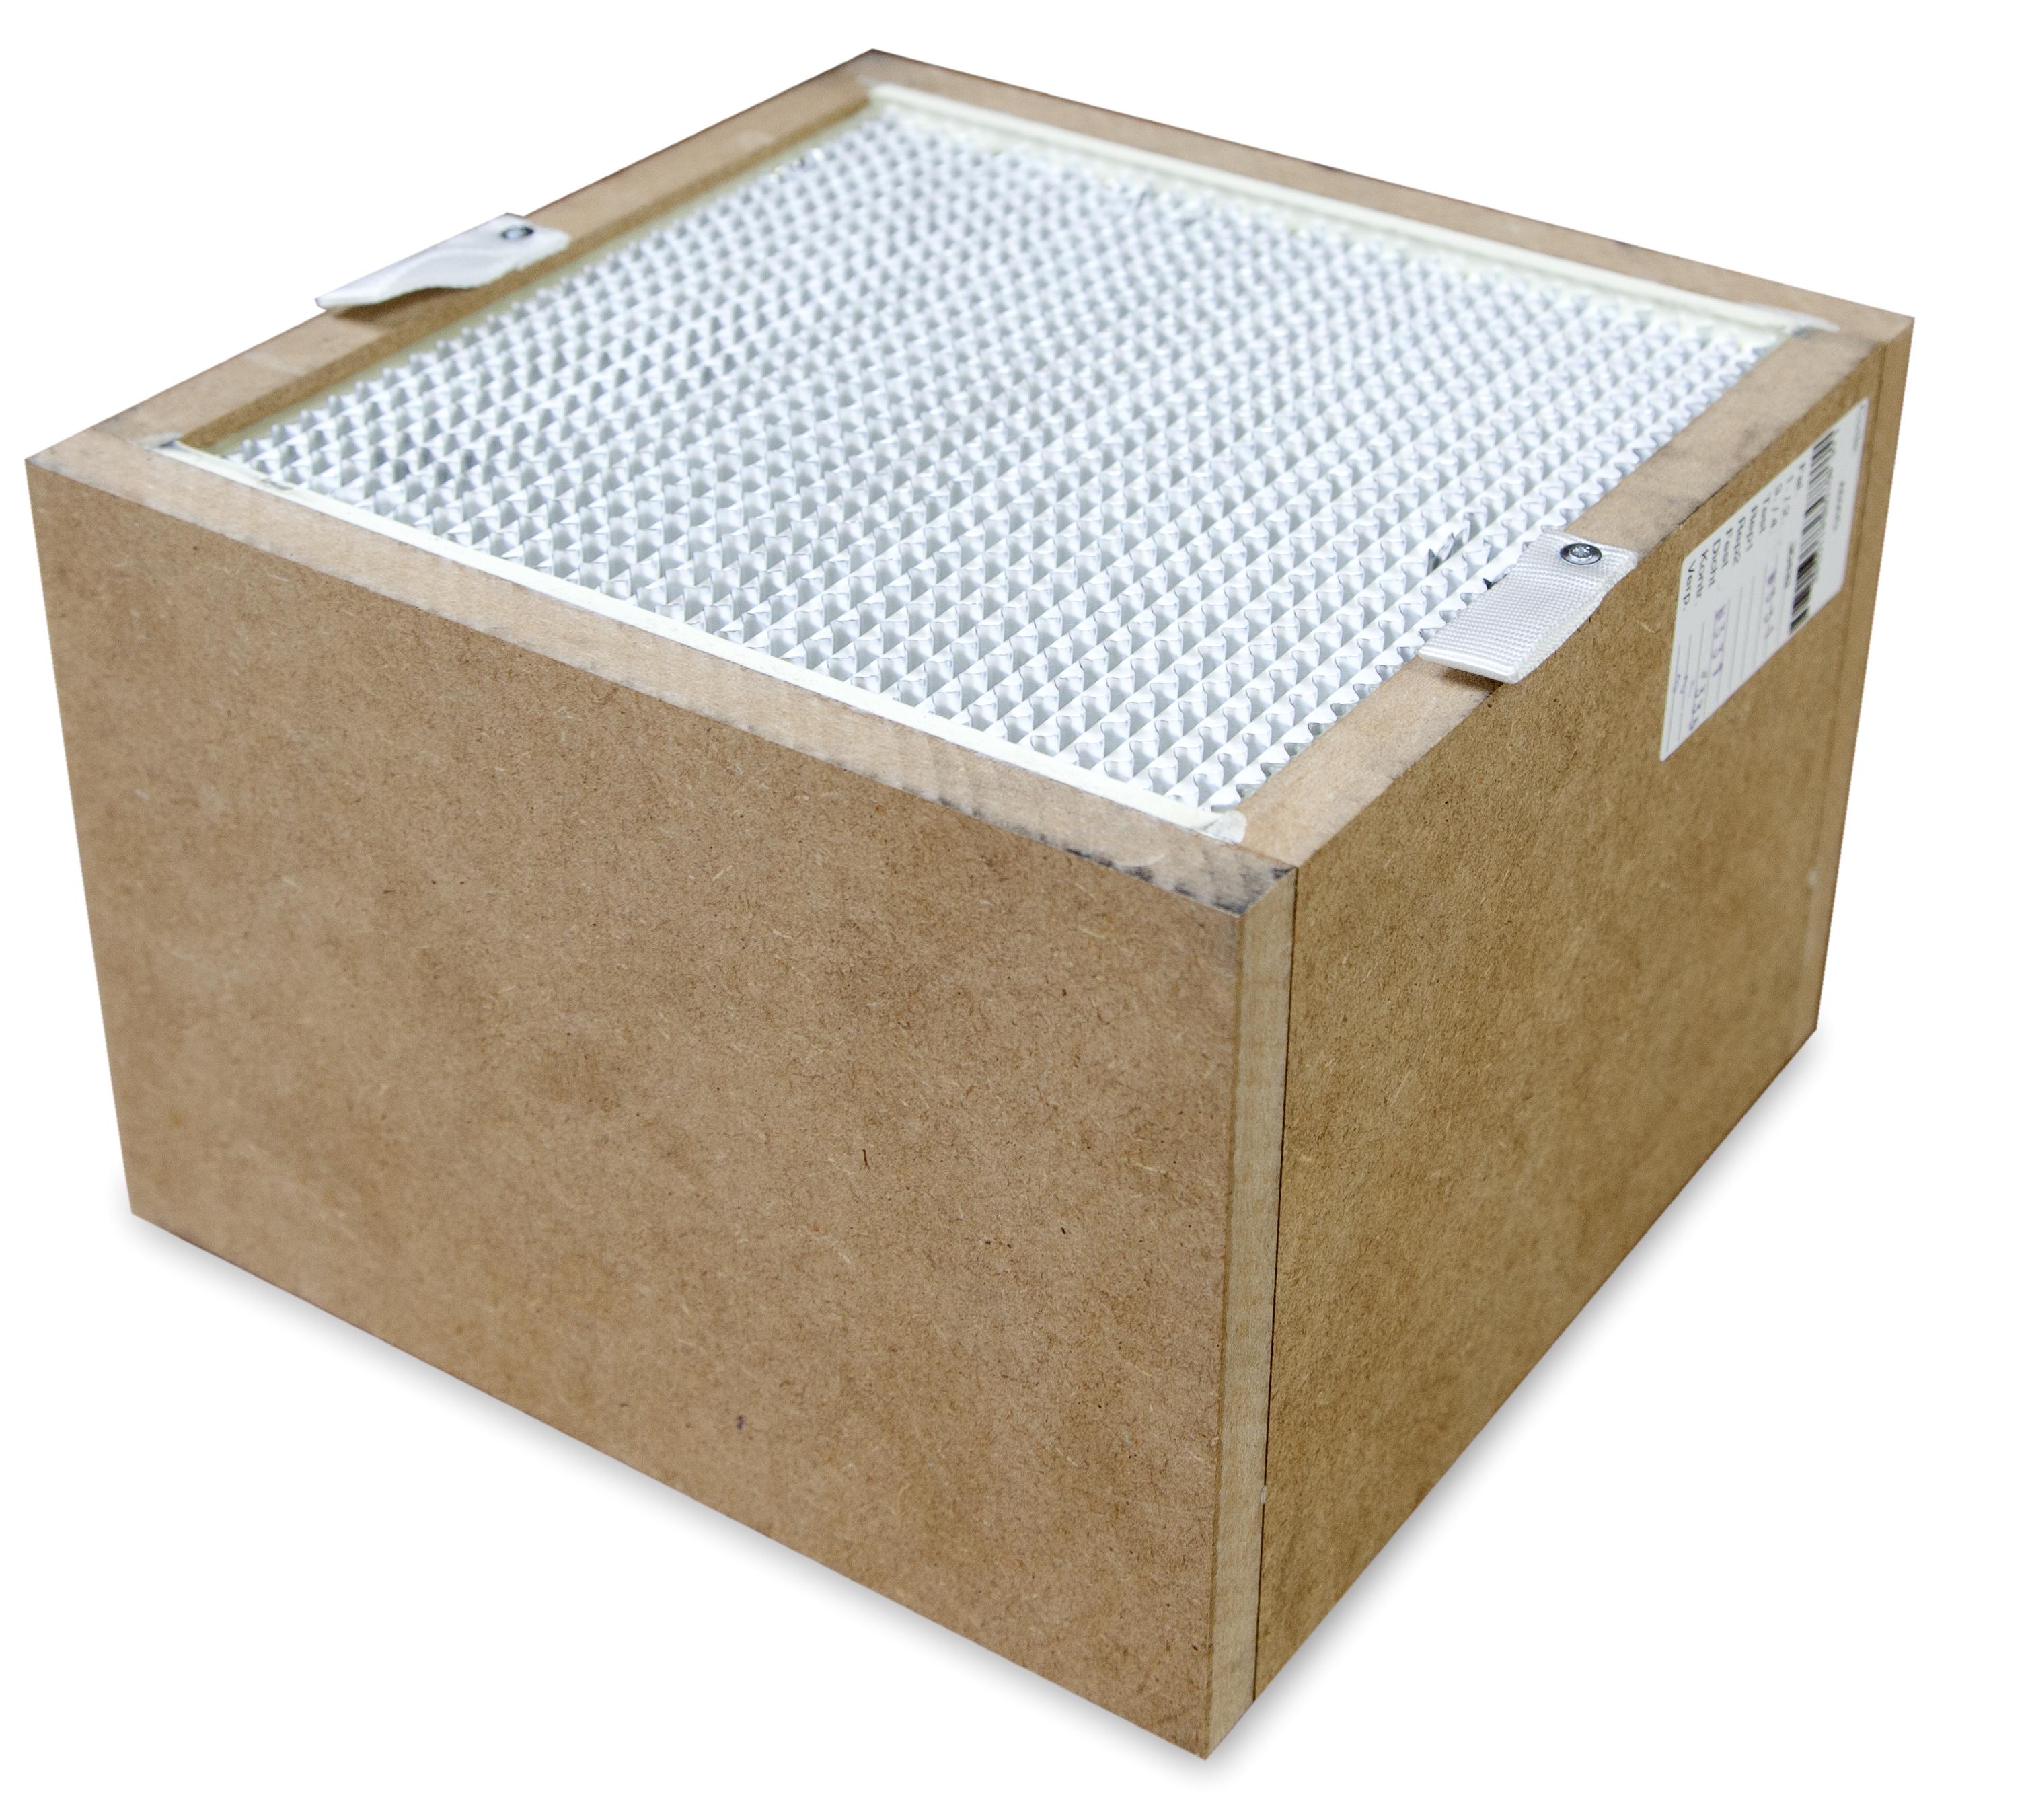 KEMPER Schwebstofffilter / Ersatz, für mechanisches BIA-Filter Art. 1090227